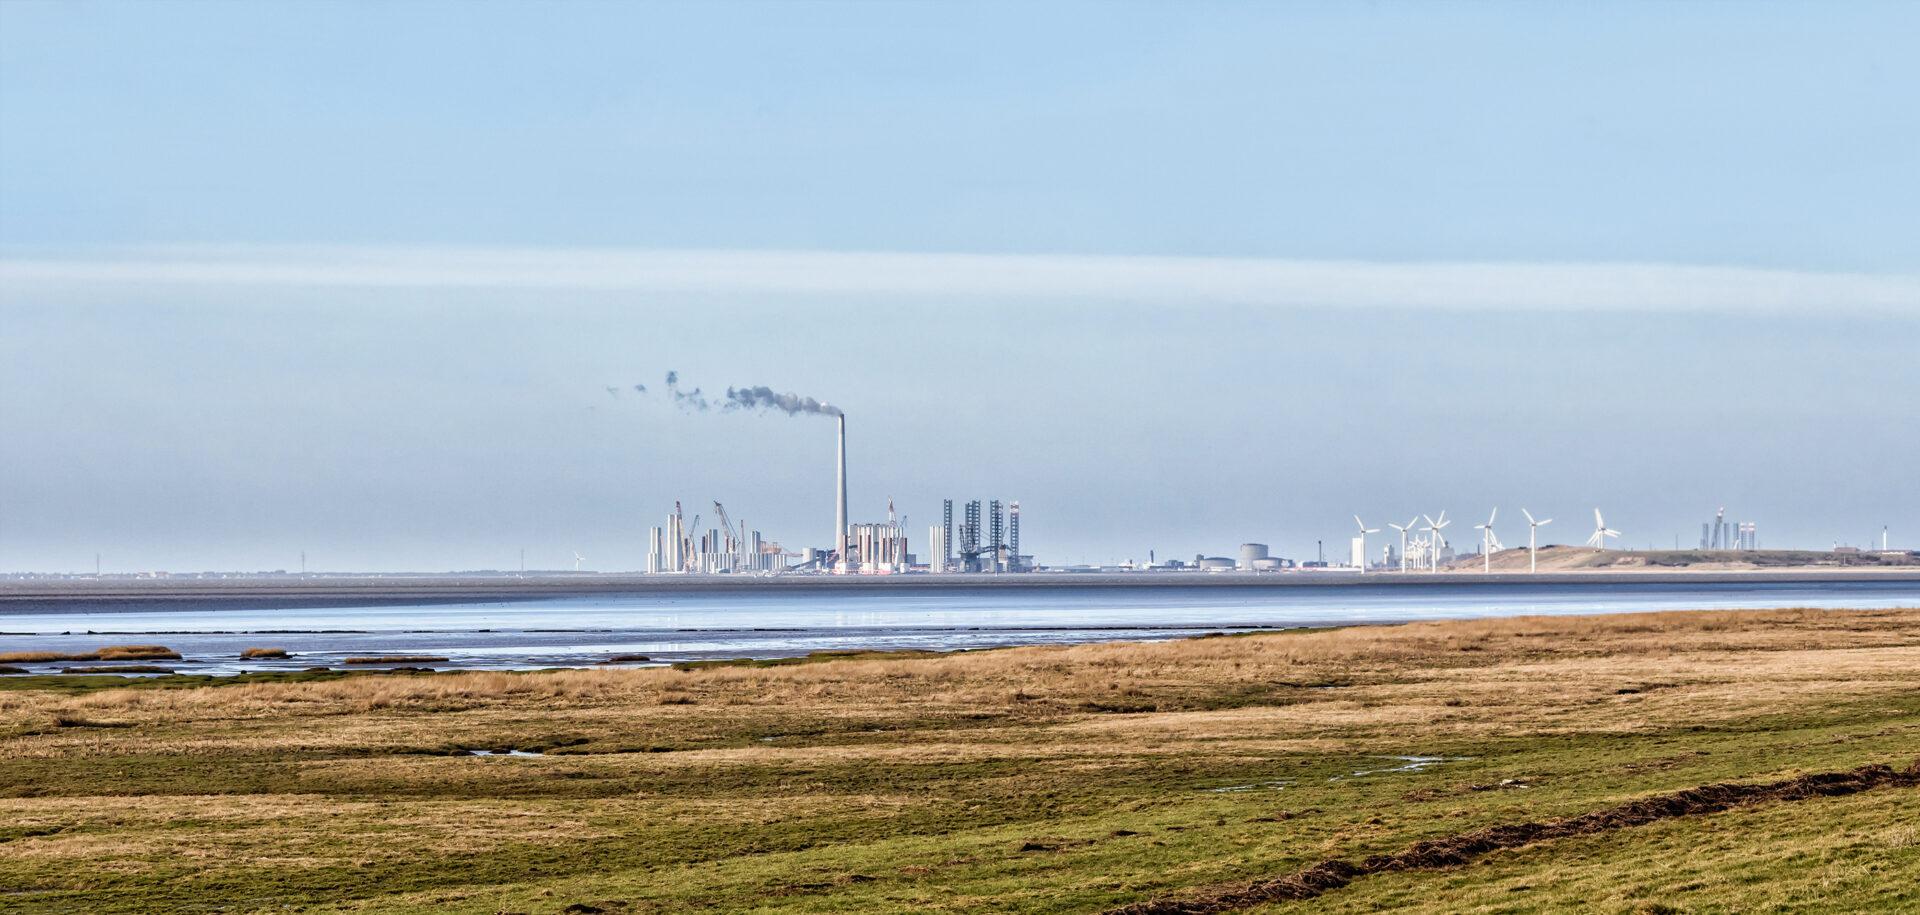 Esbjerg, au Danemark, est un site déterminant pour l'industrie éolienne européenne.